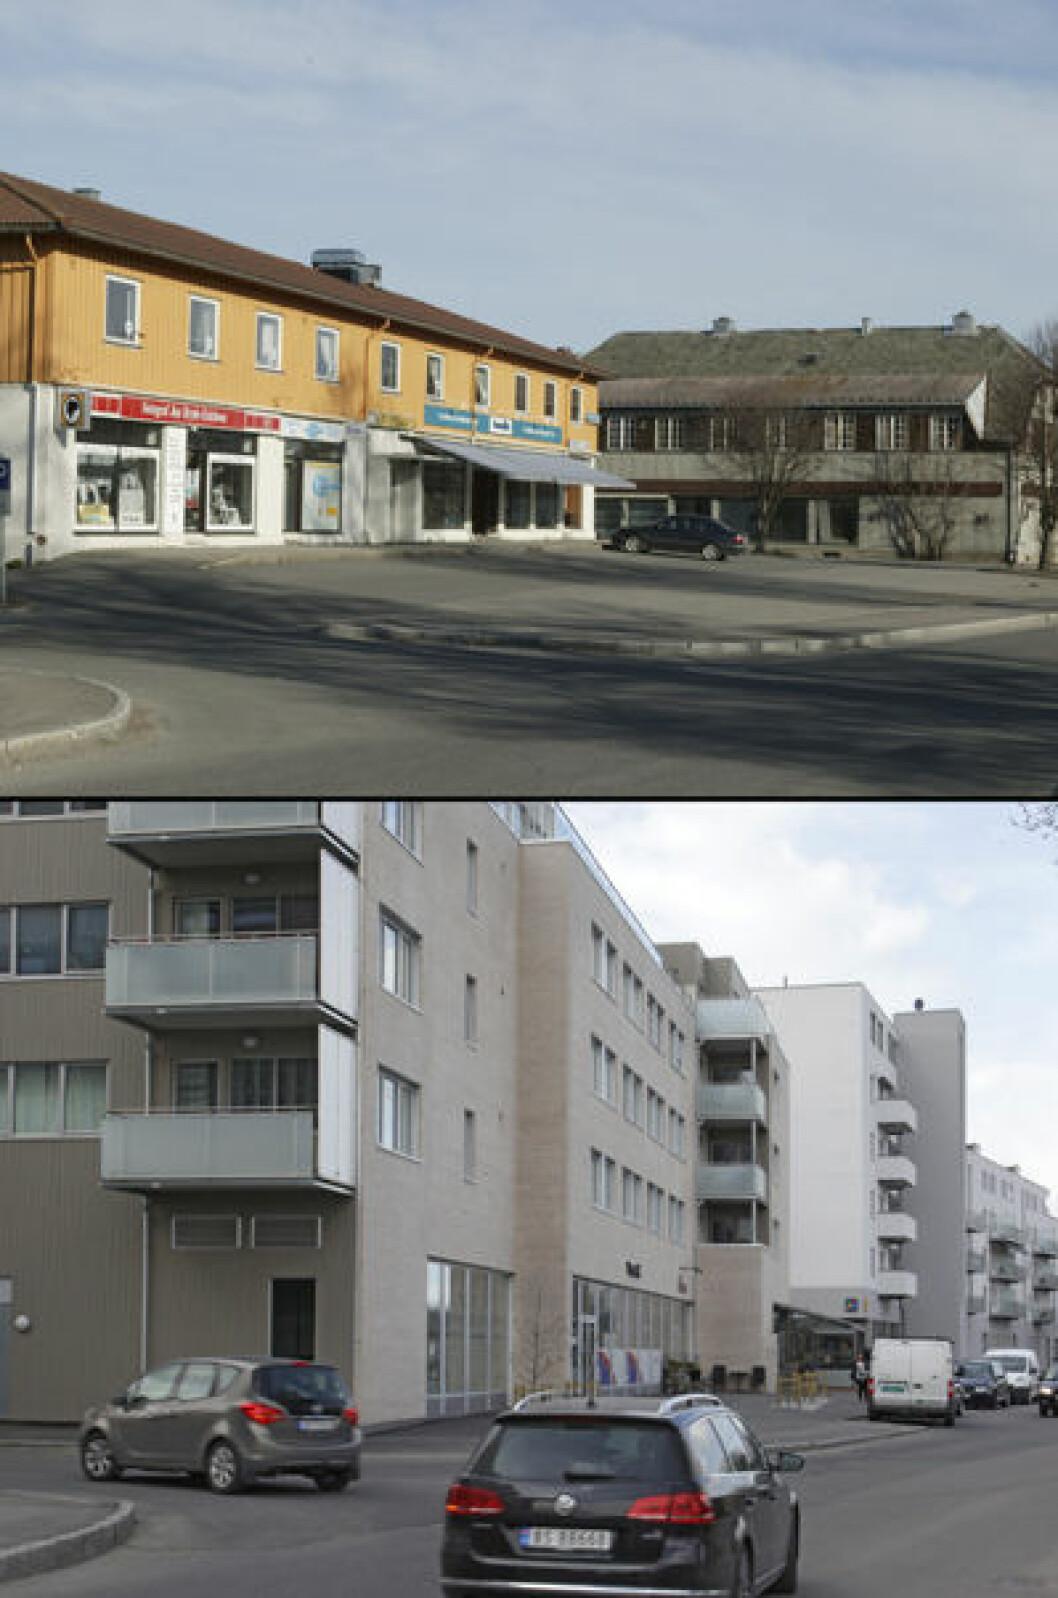 2006 og 2016: Brekkeveien i Ås sentrum, Akershus. Begge foto: Oscar Puschmann